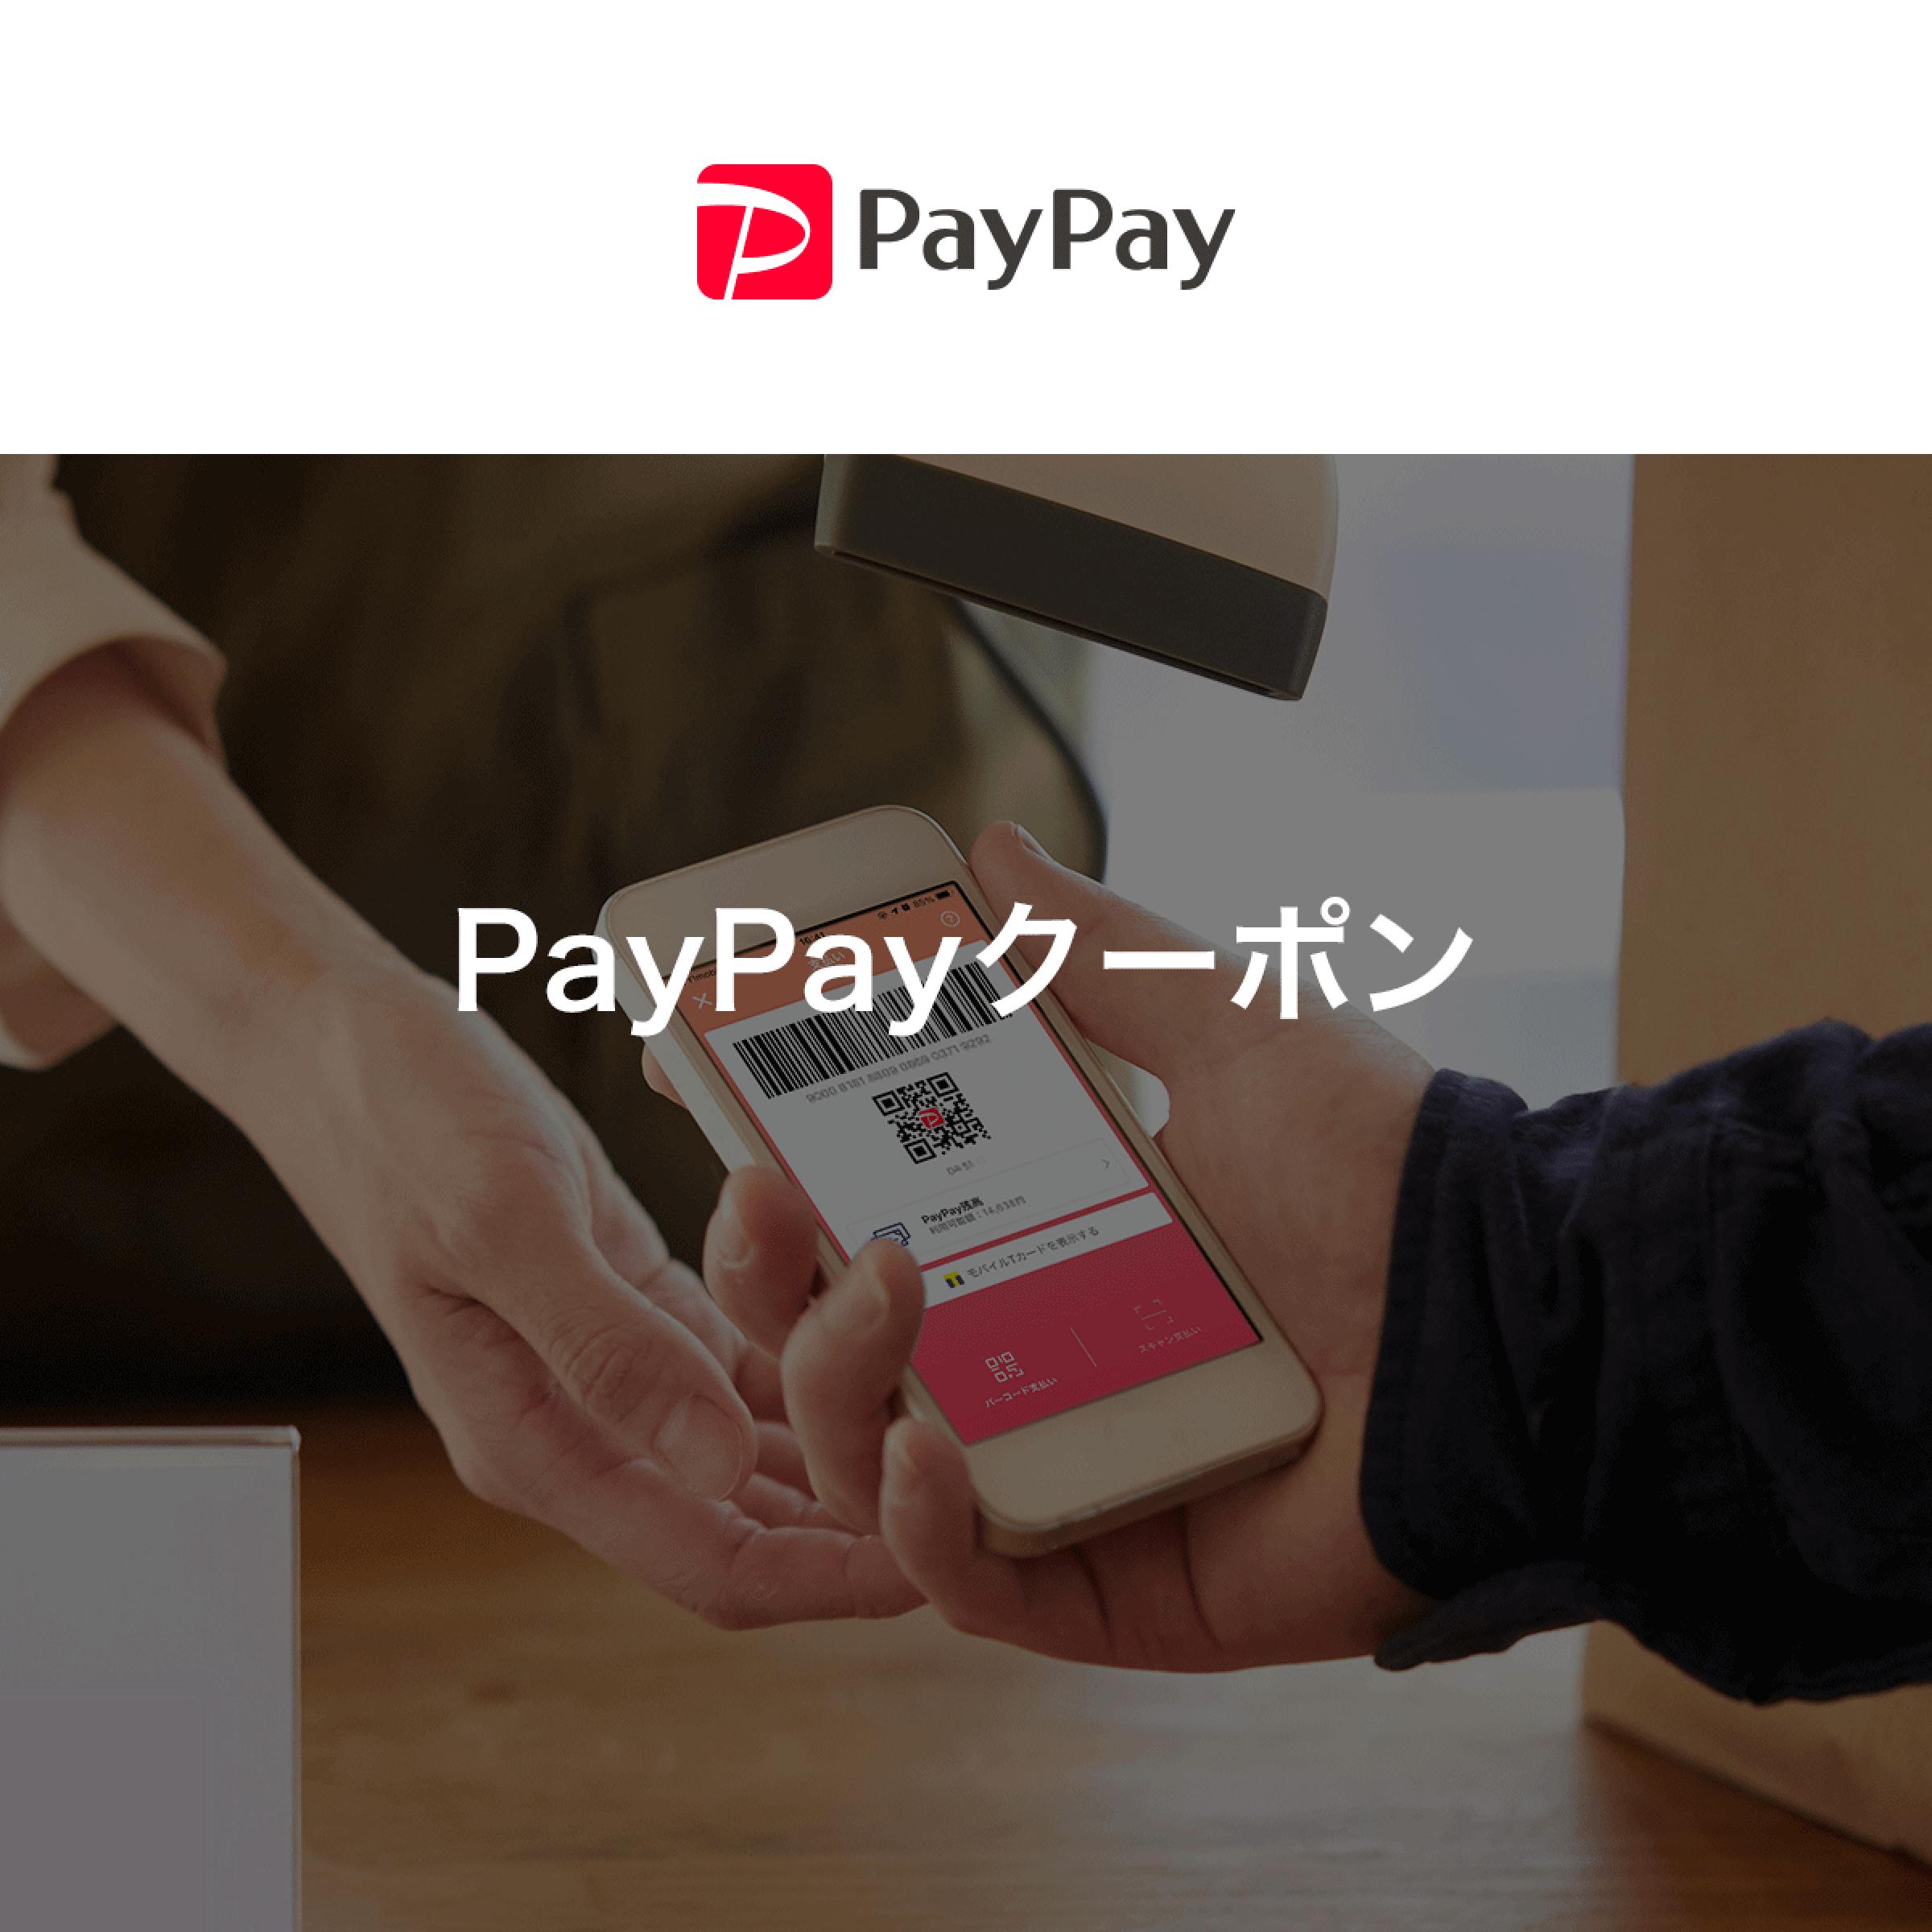 使い方 paypay クーポン